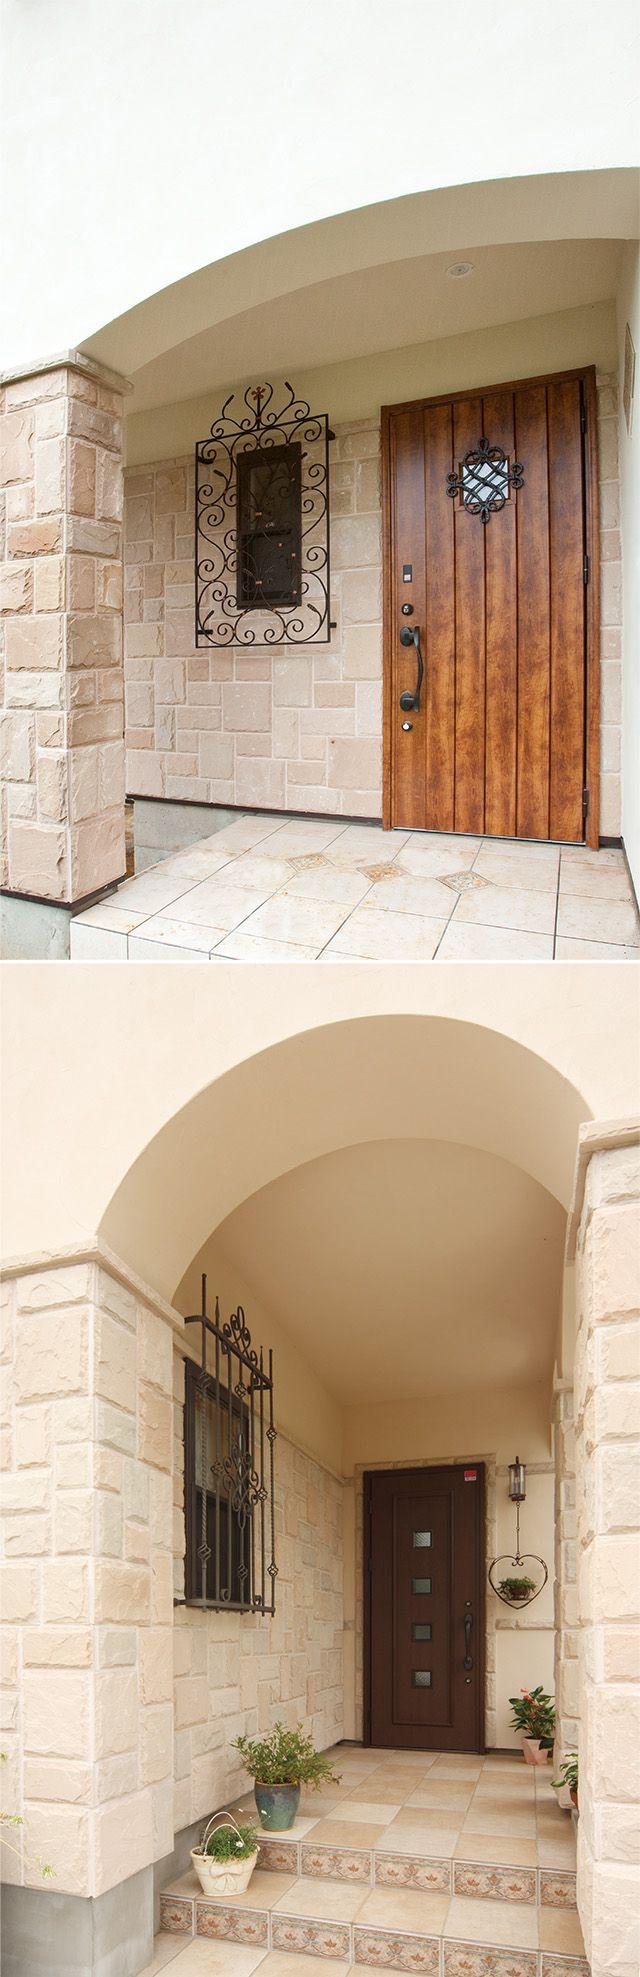 ヨーロピアンタイルの床、ロートアイアンの窓格子、石の壁。プロバンスデザインの定番です。|デザイン|ナチュラル|タイル|